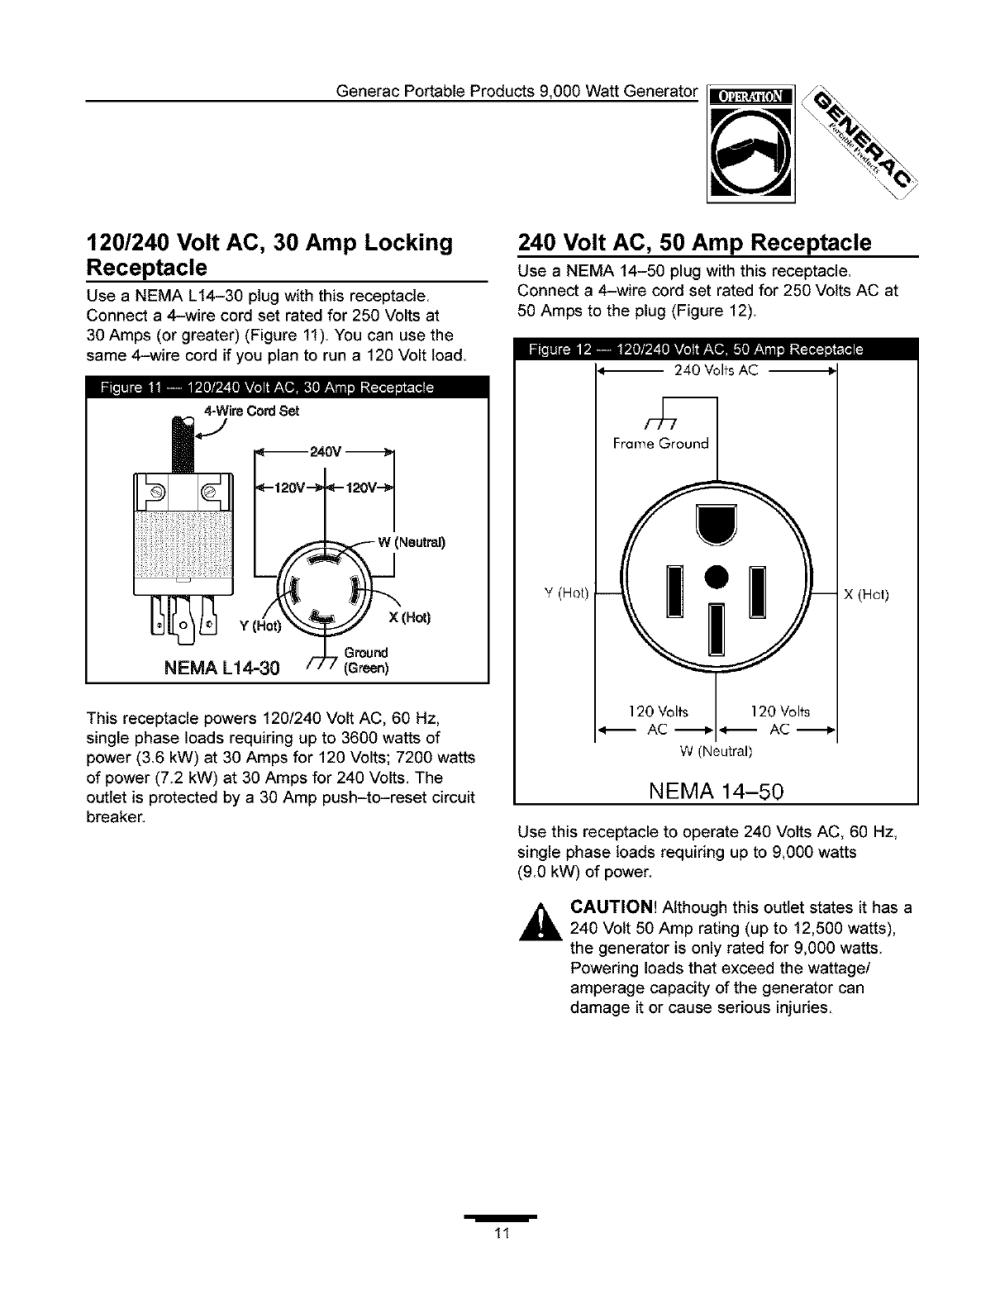 medium resolution of generacportableproducts9 000wattgenerator 120 240 volt